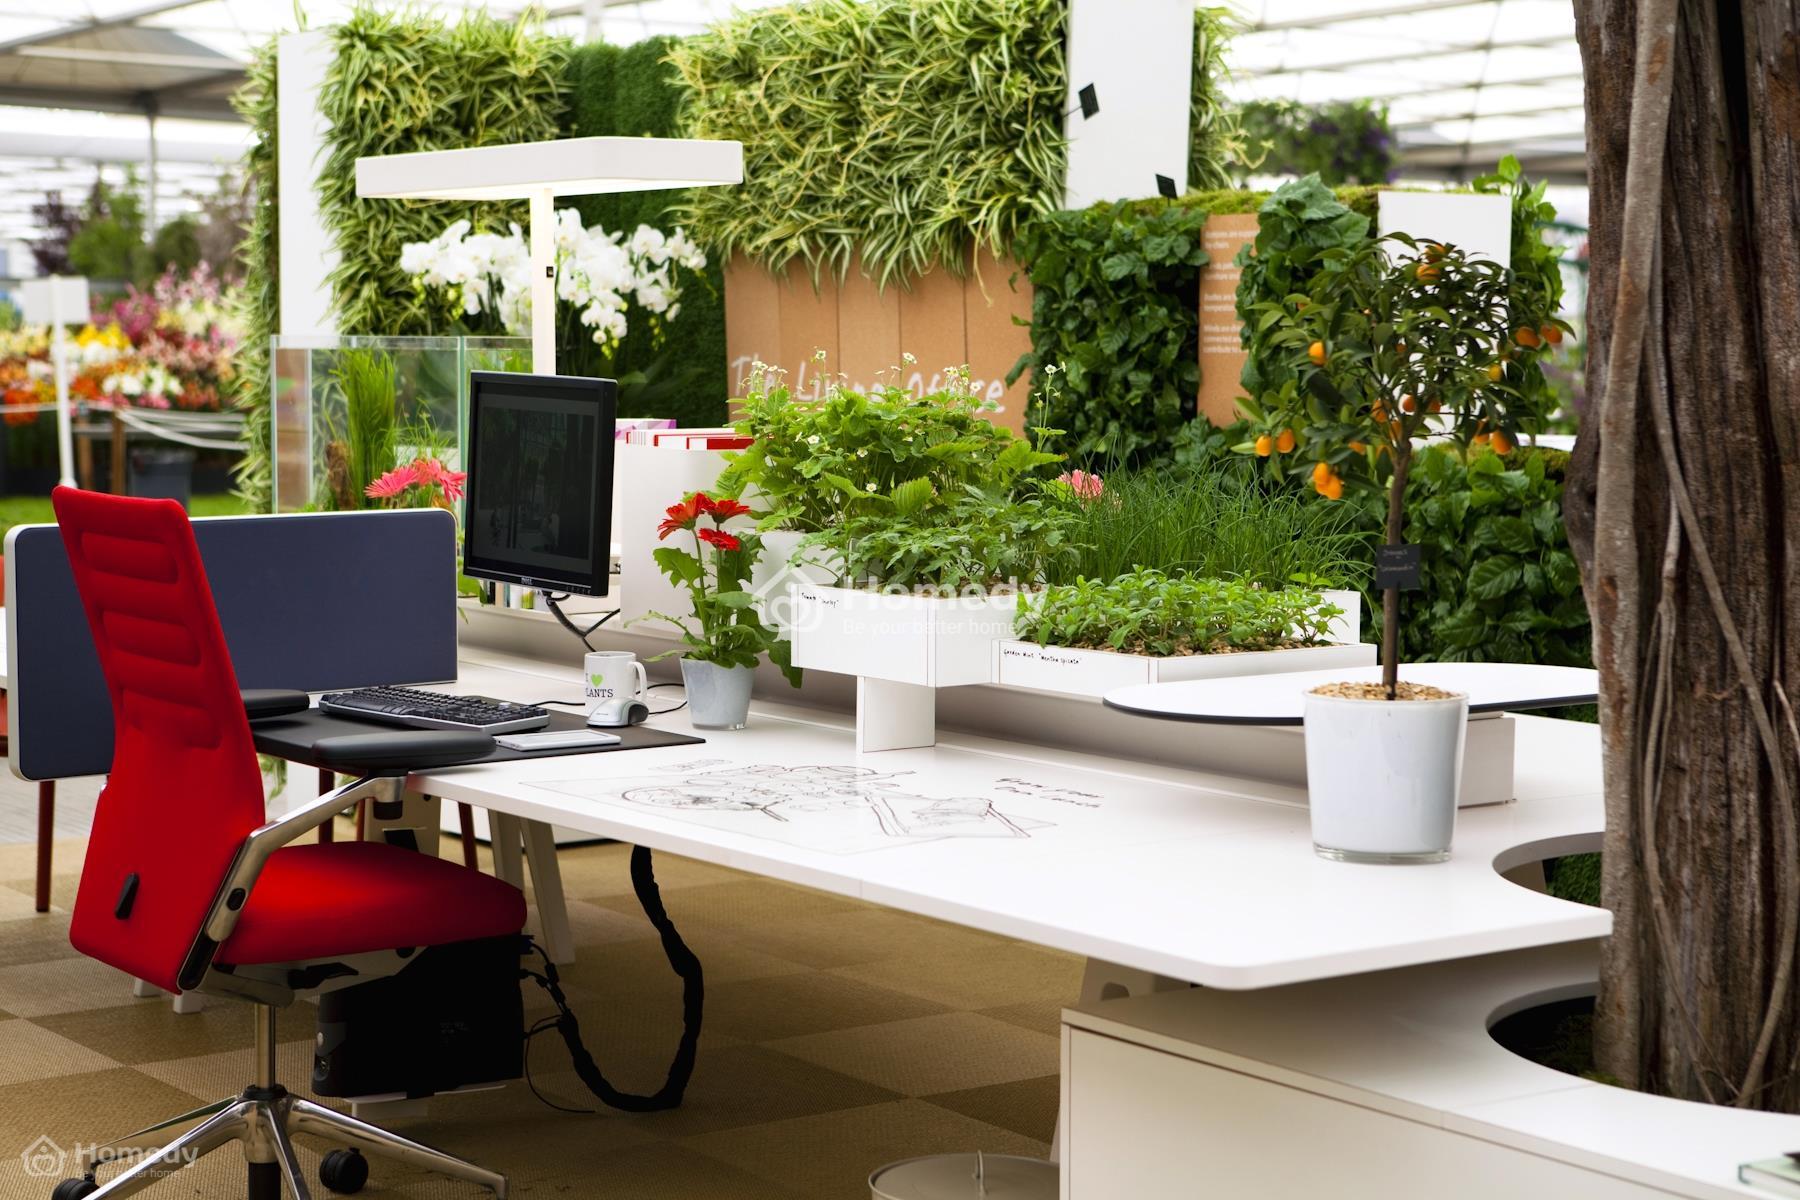 Trang trí cây phong thủy trên bàn làm việc